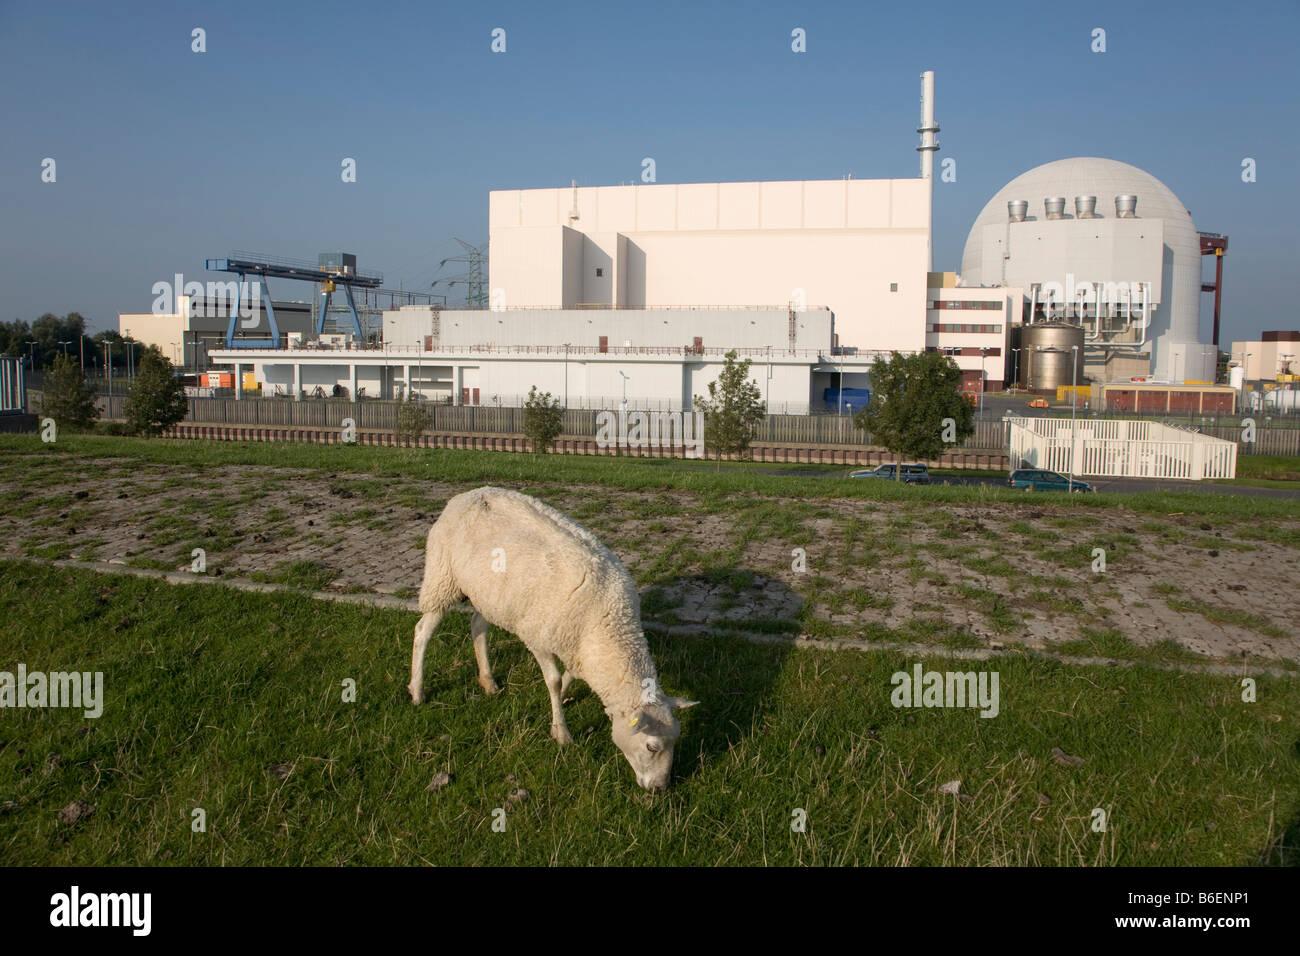 Kernkraftwerk KKW Brokdorf or Brokdorf Atomic Power Station, Elbe, Schleswig-Holstein, Germany, Europe - Stock Image